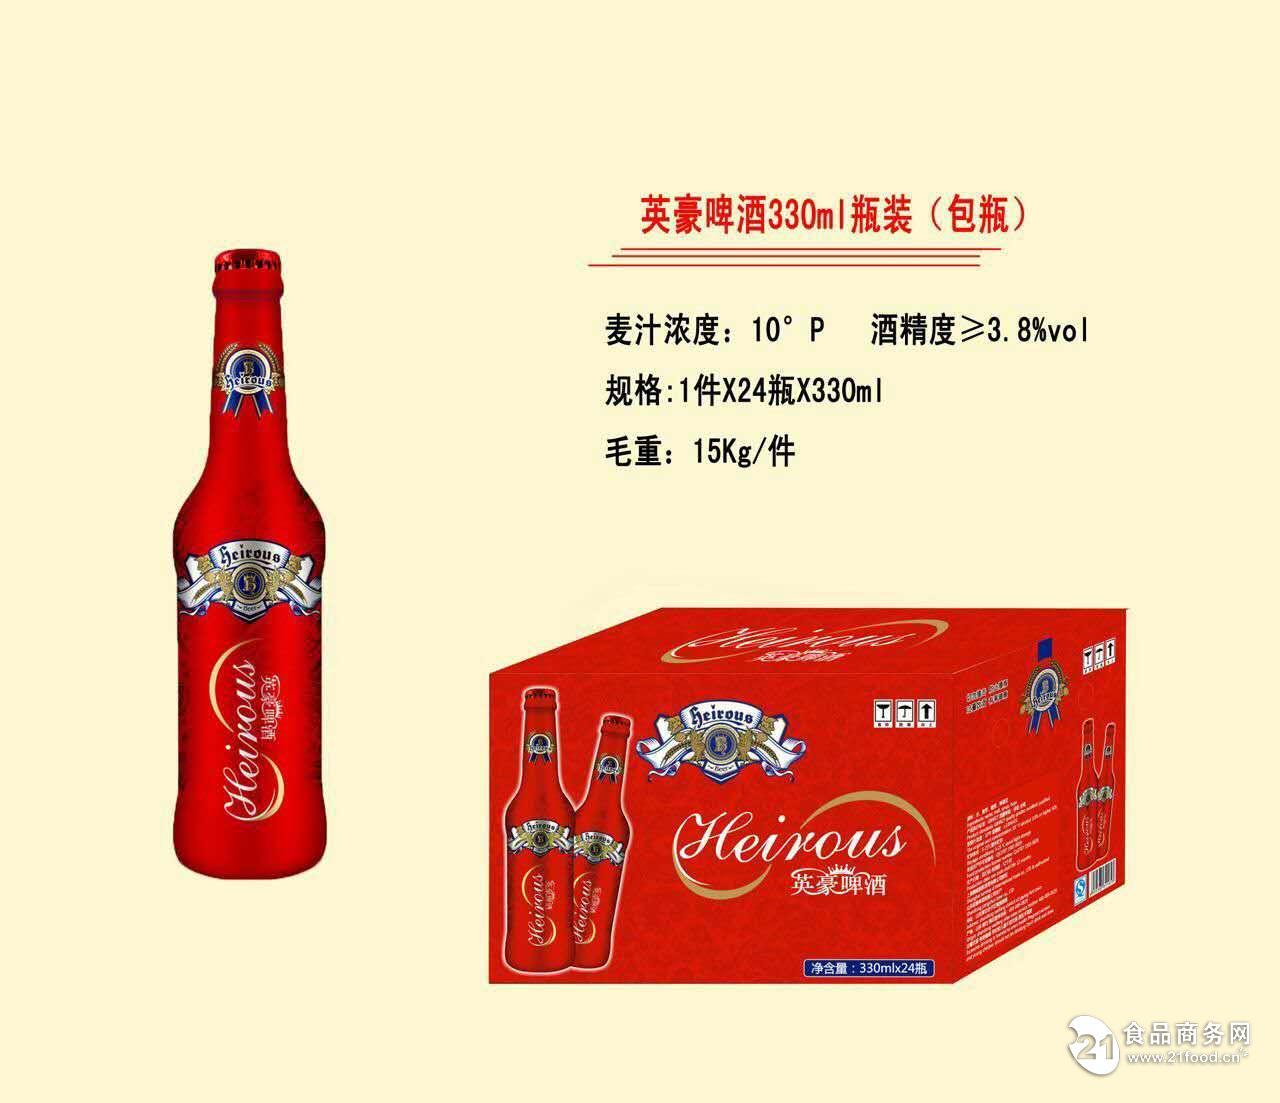 英豪红色包瓶 夜场小瓶啤酒